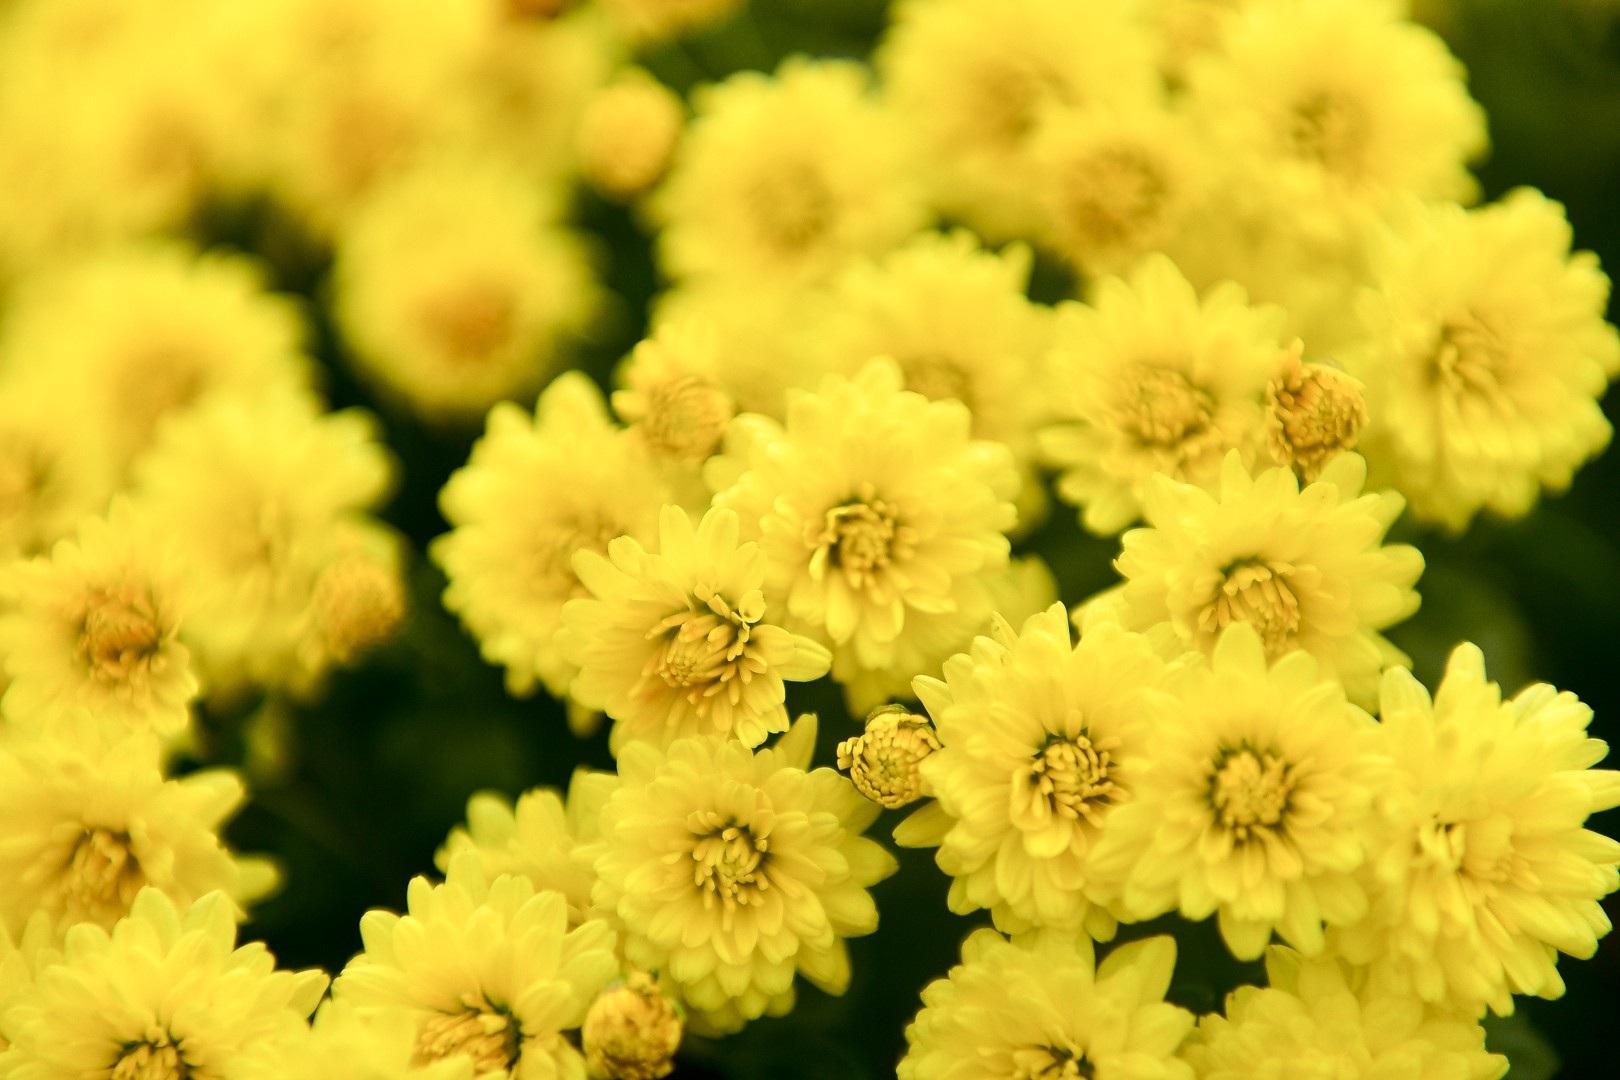 Phát sốt với vườn hoa cúc mâm xôi tuyệt đẹp ngay giữa Thủ đô - Ảnh 7.